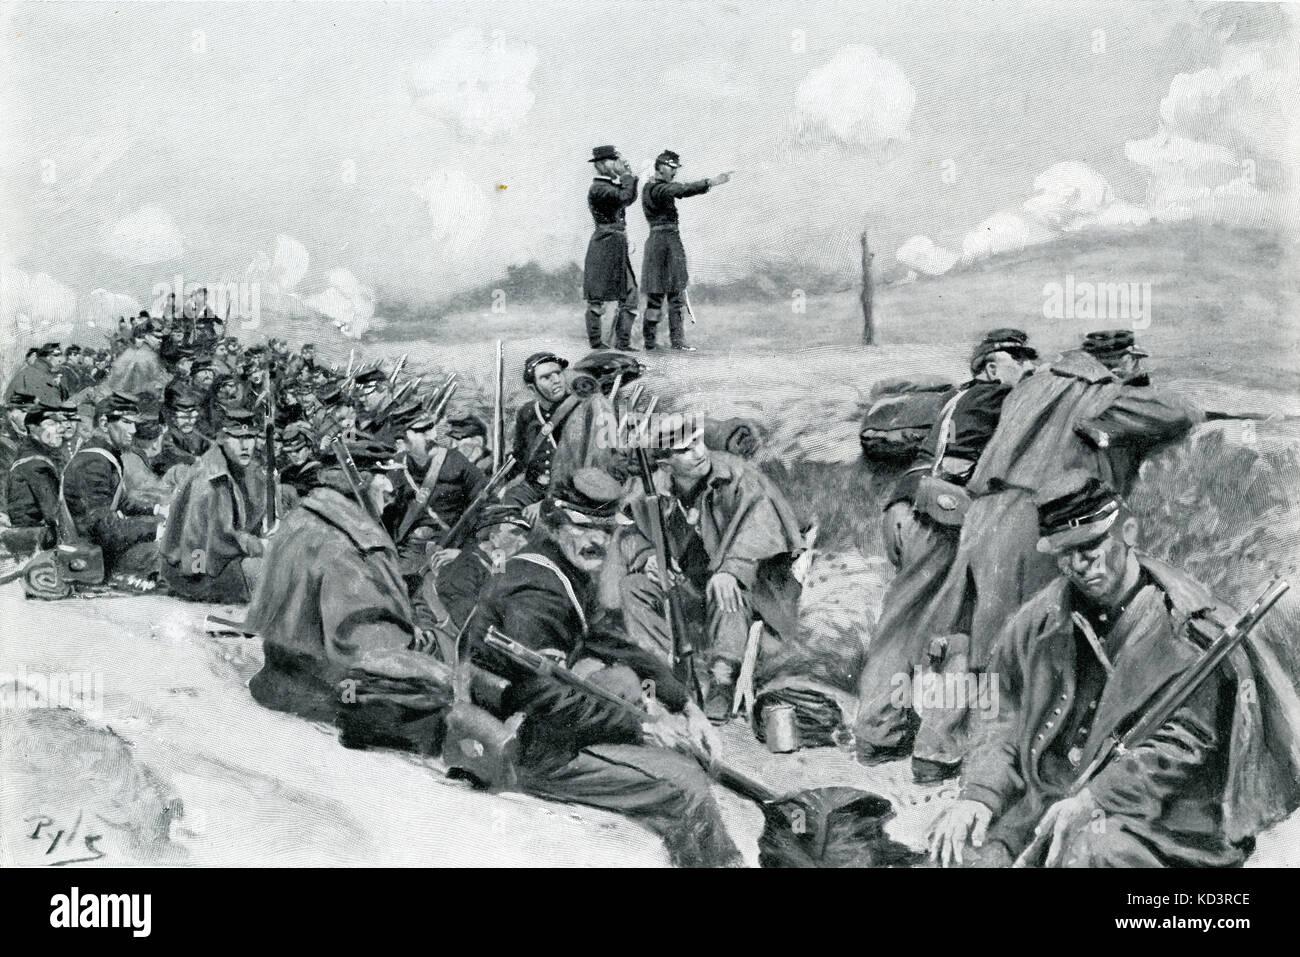 Les soldats de l'armée fédérale attendent l'ordre de charge, la guerre civile américaine 1861 - 1865. Illustration de Howard Pyle, 1909 Banque D'Images